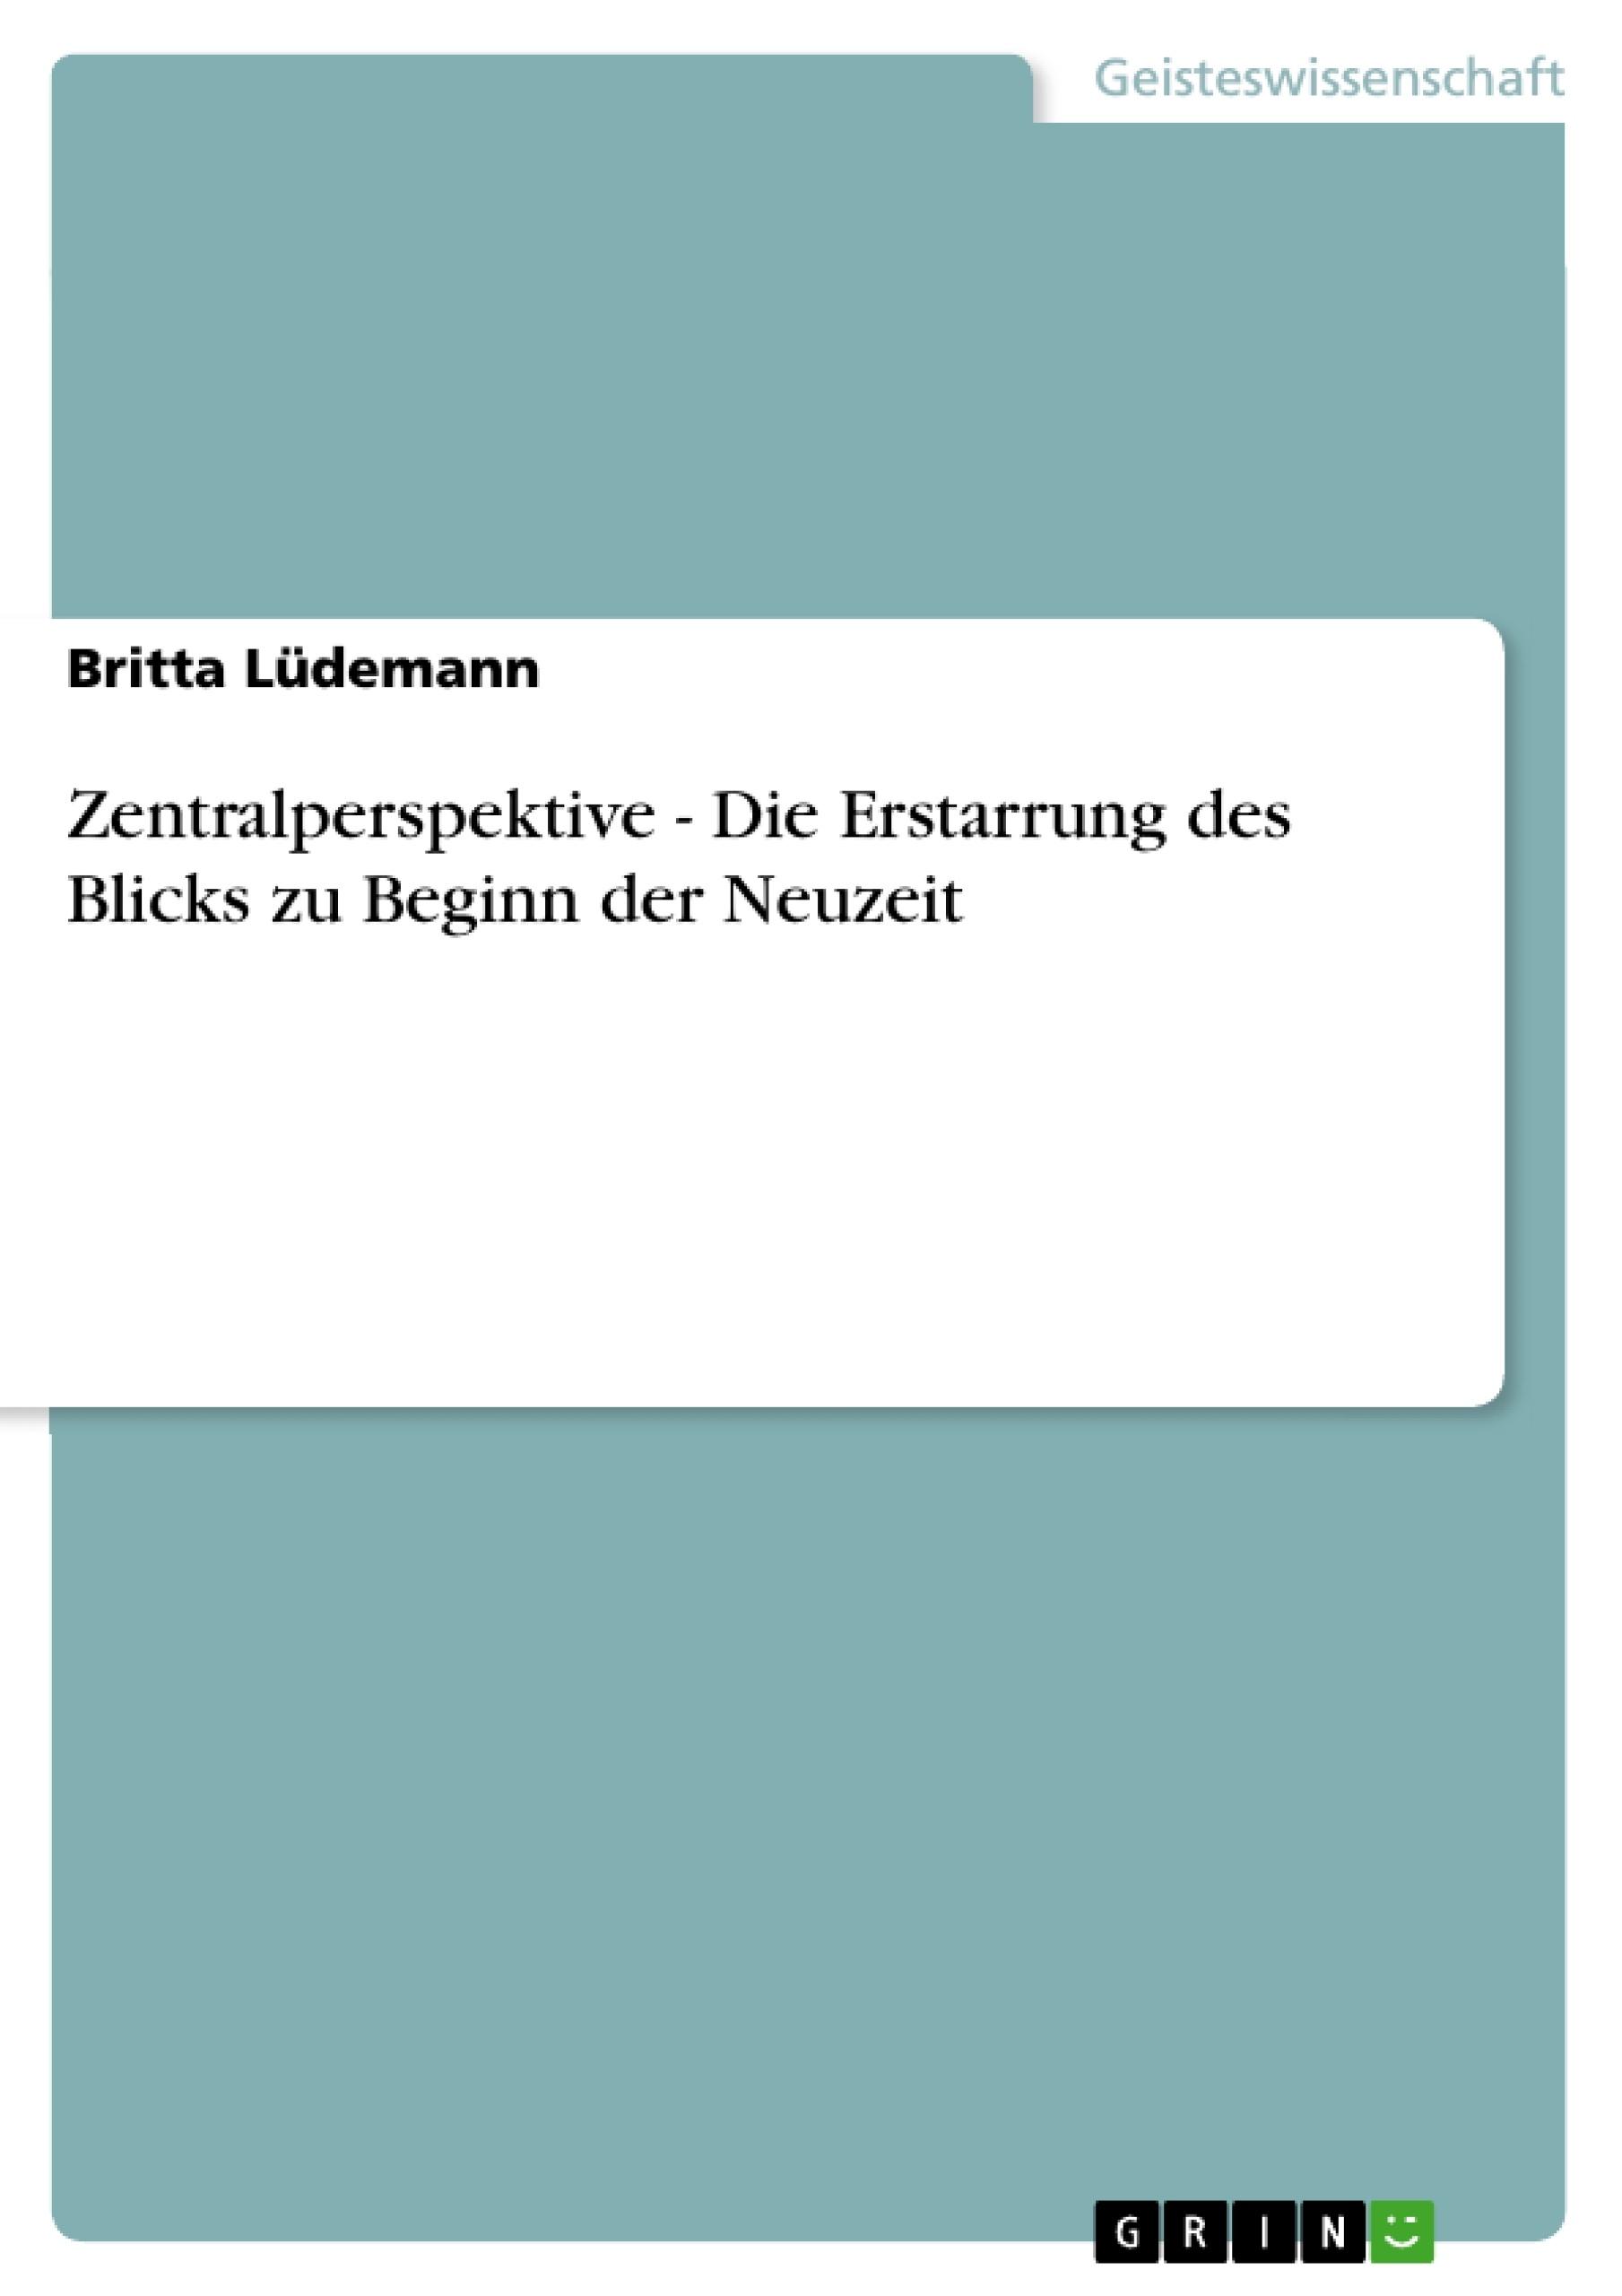 Titel: Zentralperspektive - Die Erstarrung des Blicks zu Beginn der Neuzeit